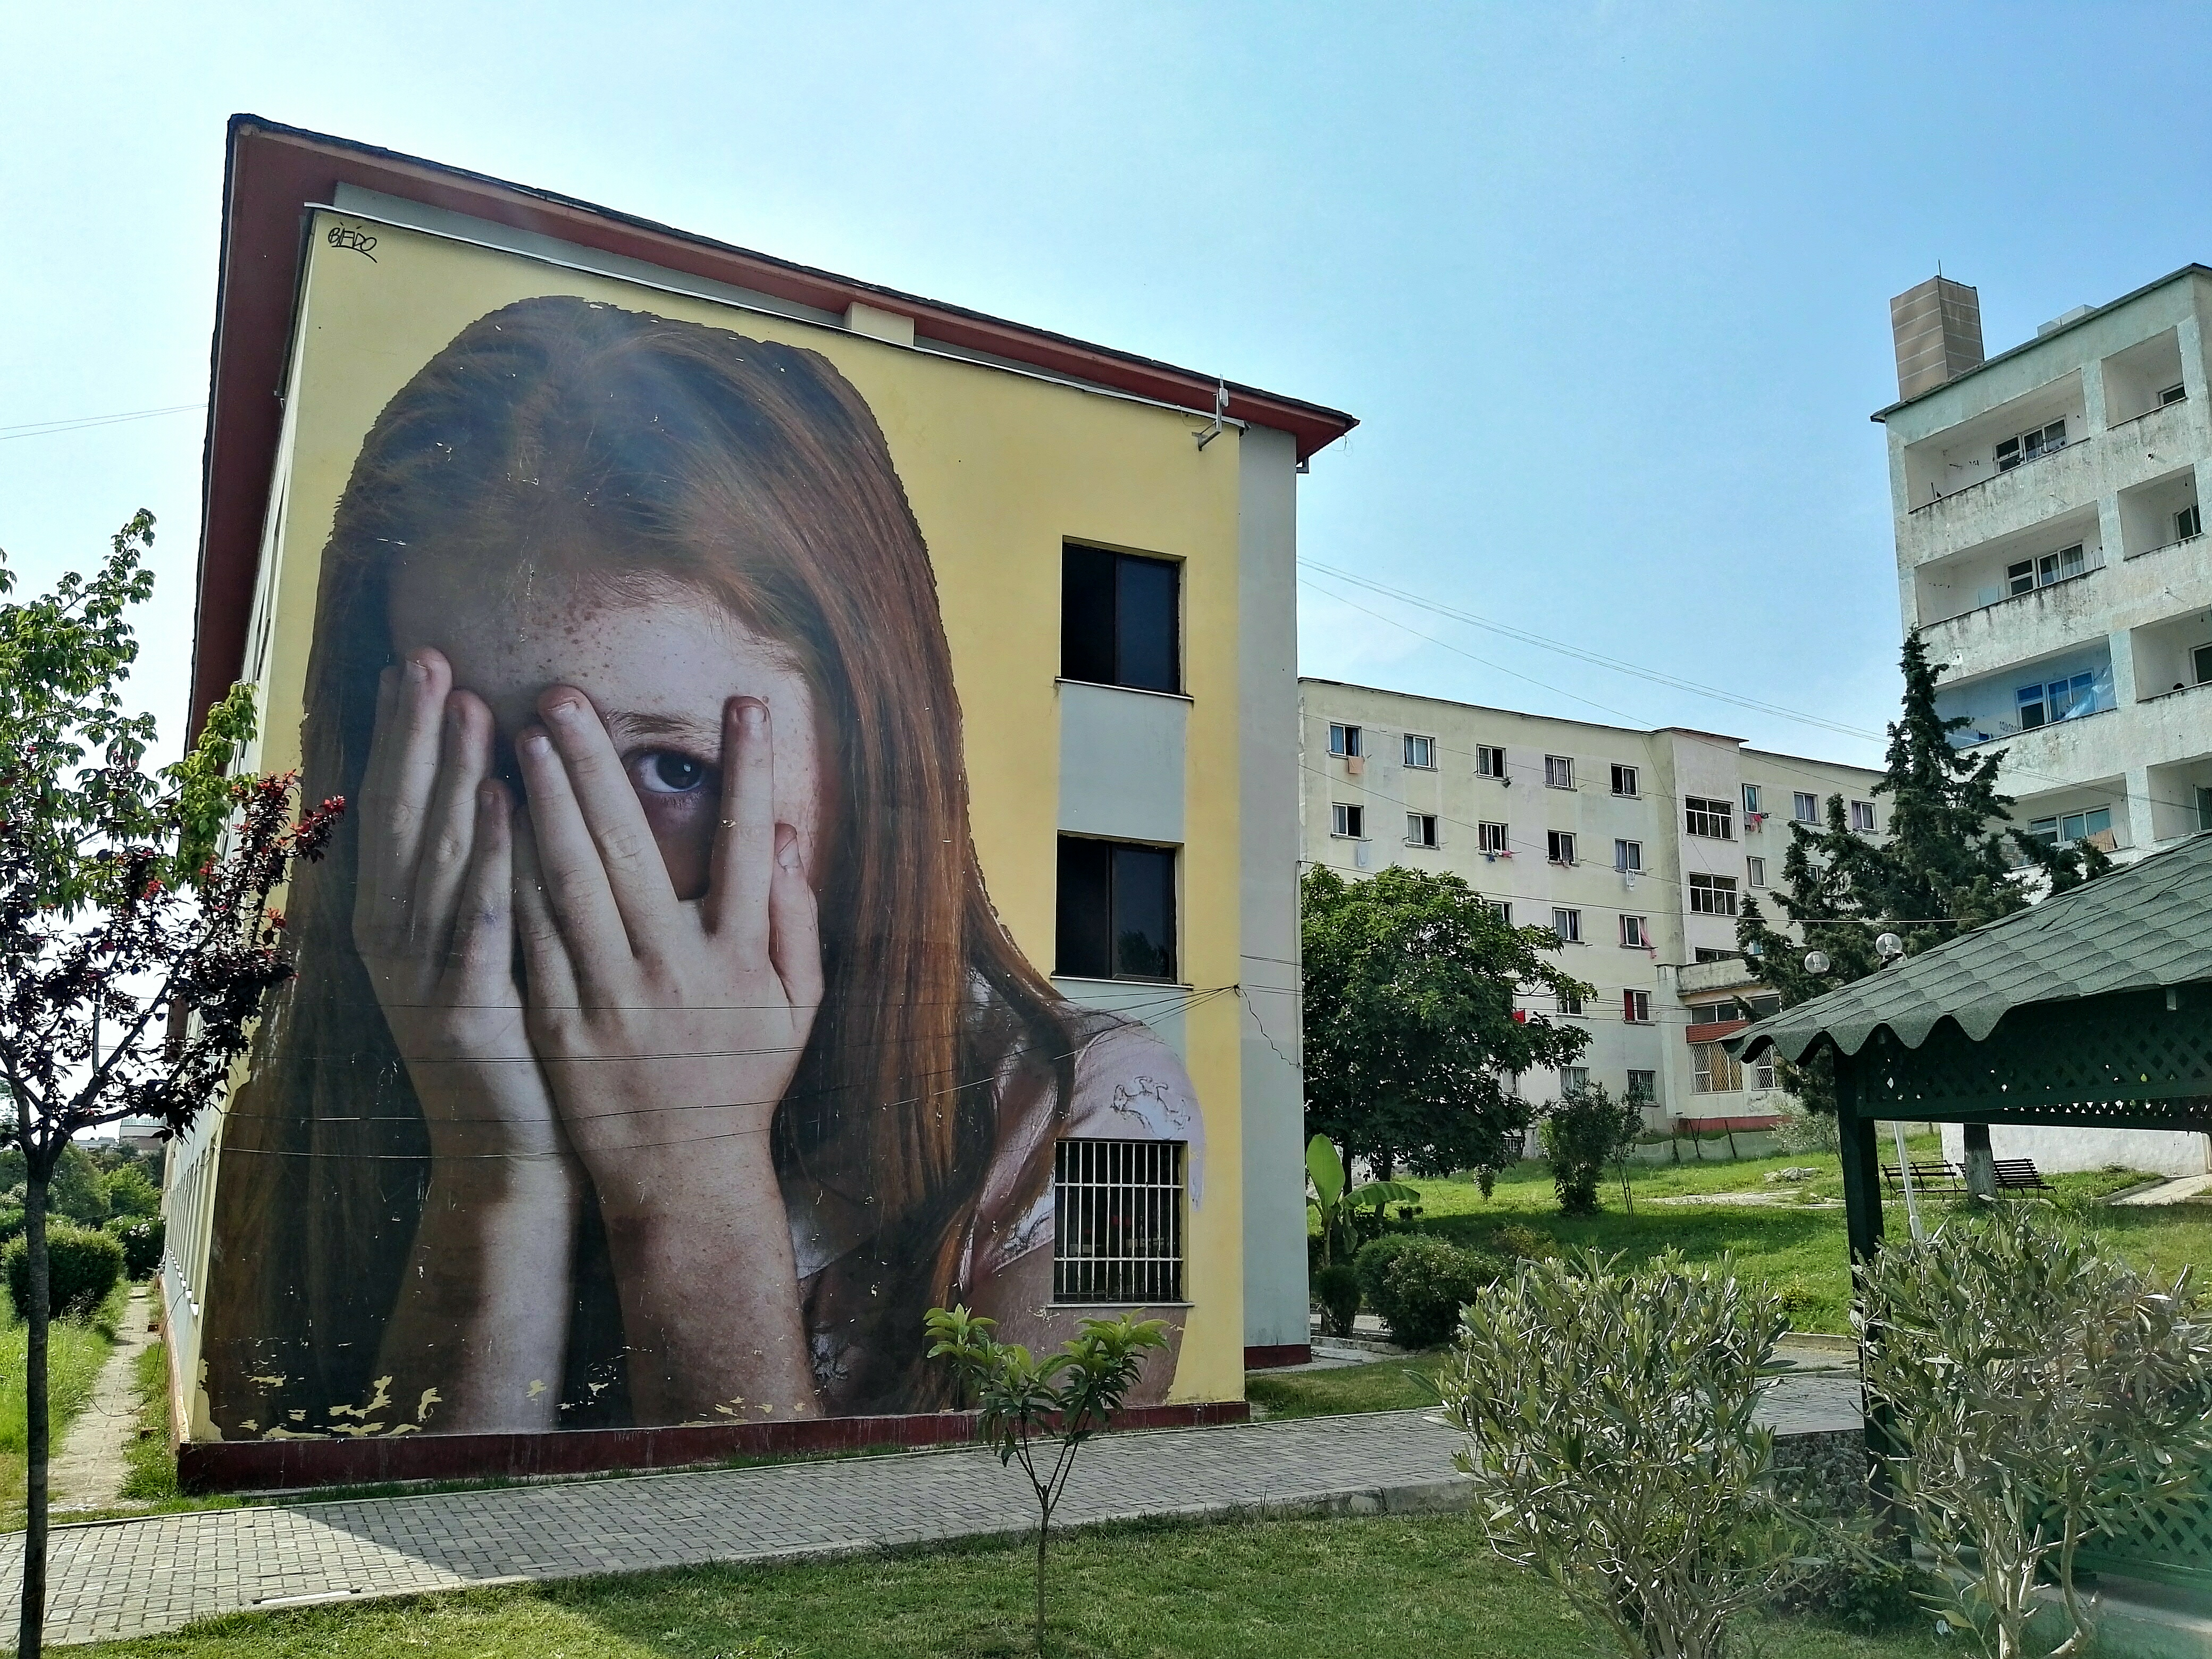 Il rinascimento dell'arte in Europa parte dalla Street art di Tirana